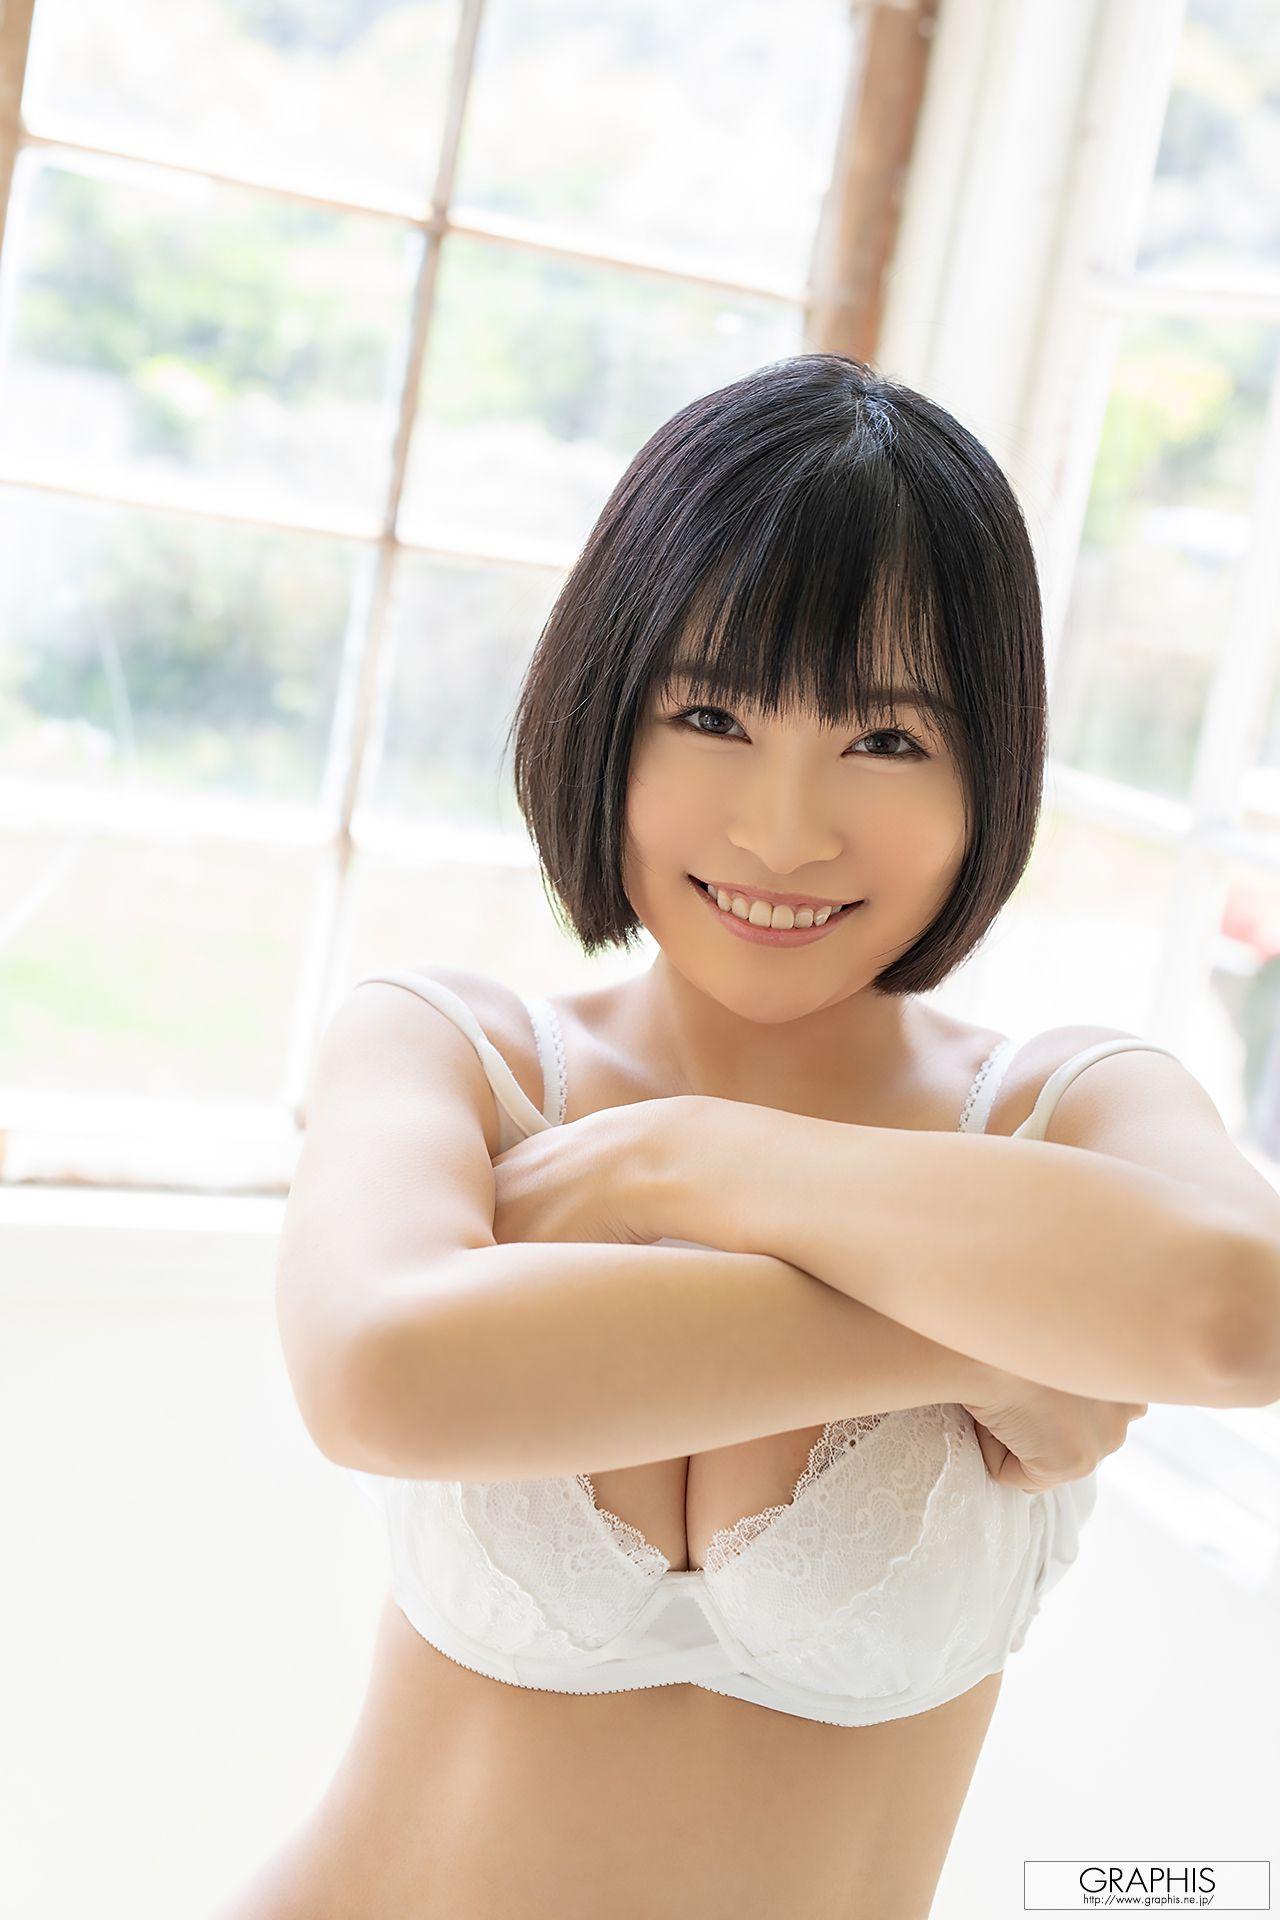 每日一枚 河合明日菜河合あすな Asuna Kawai